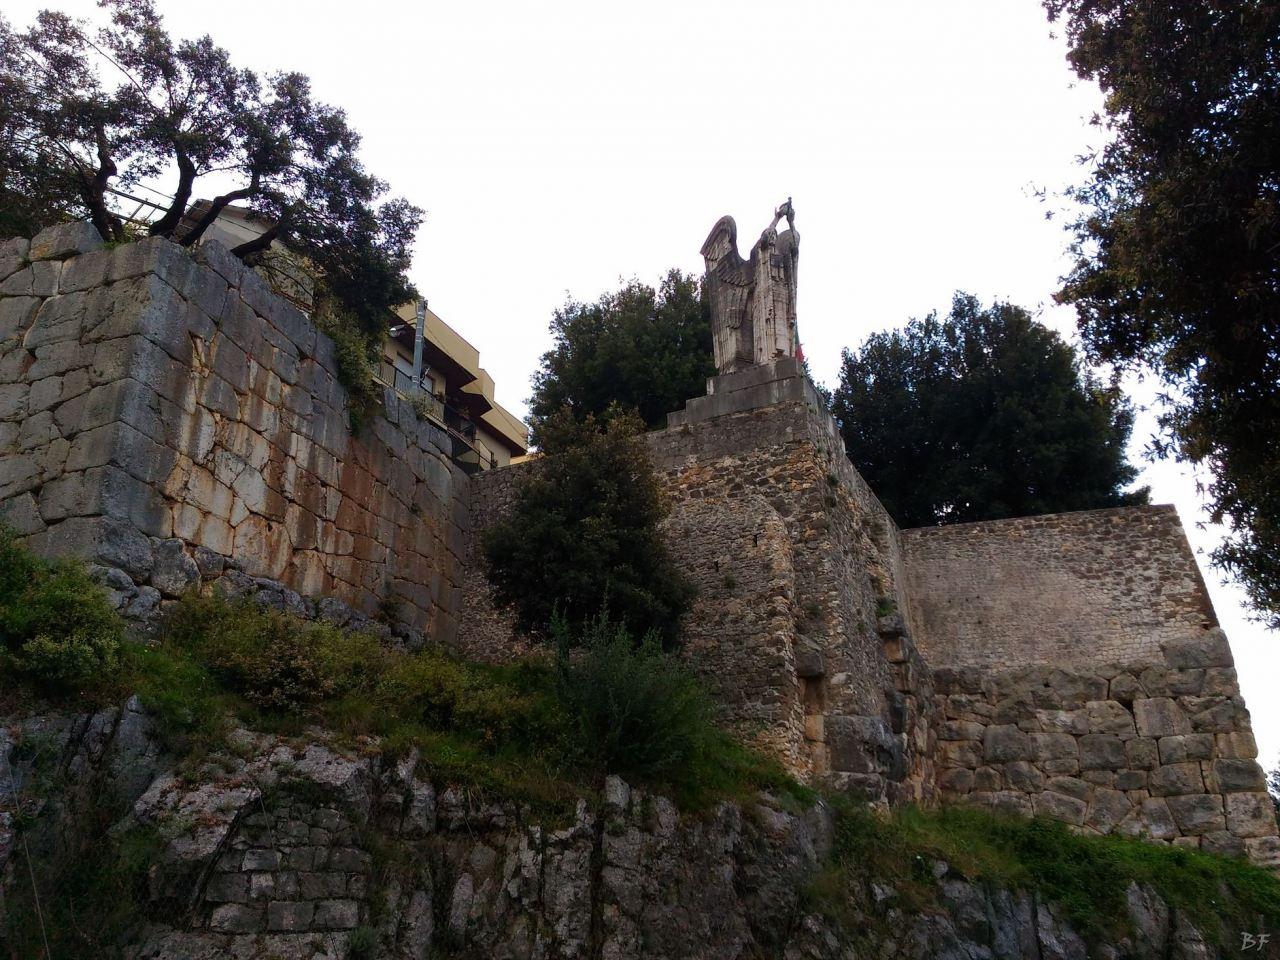 Cora-Mura-Poligonali-Megalitiche-Cori-Latina-Lazio-Italia-13